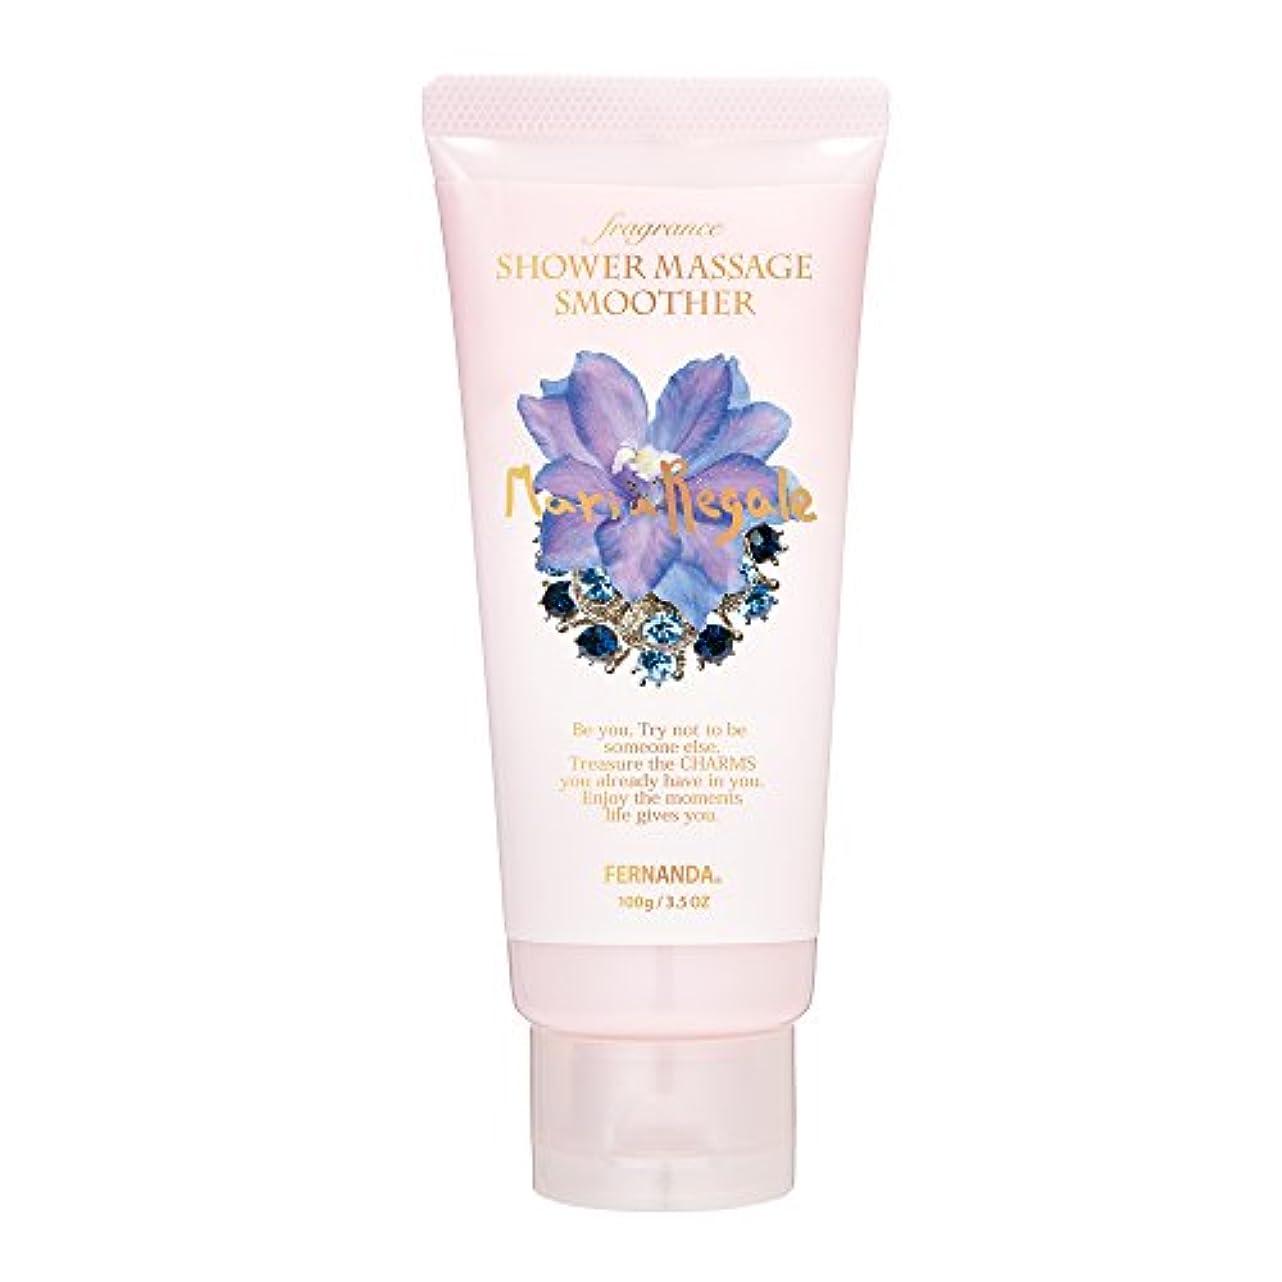 バスケットボール引き付けるあなたのものFERNANDA(フェルナンダ) Fragrance Shower Massage Smoother Maria Regale (シャワーマッサージスムーサー マリアリゲル)